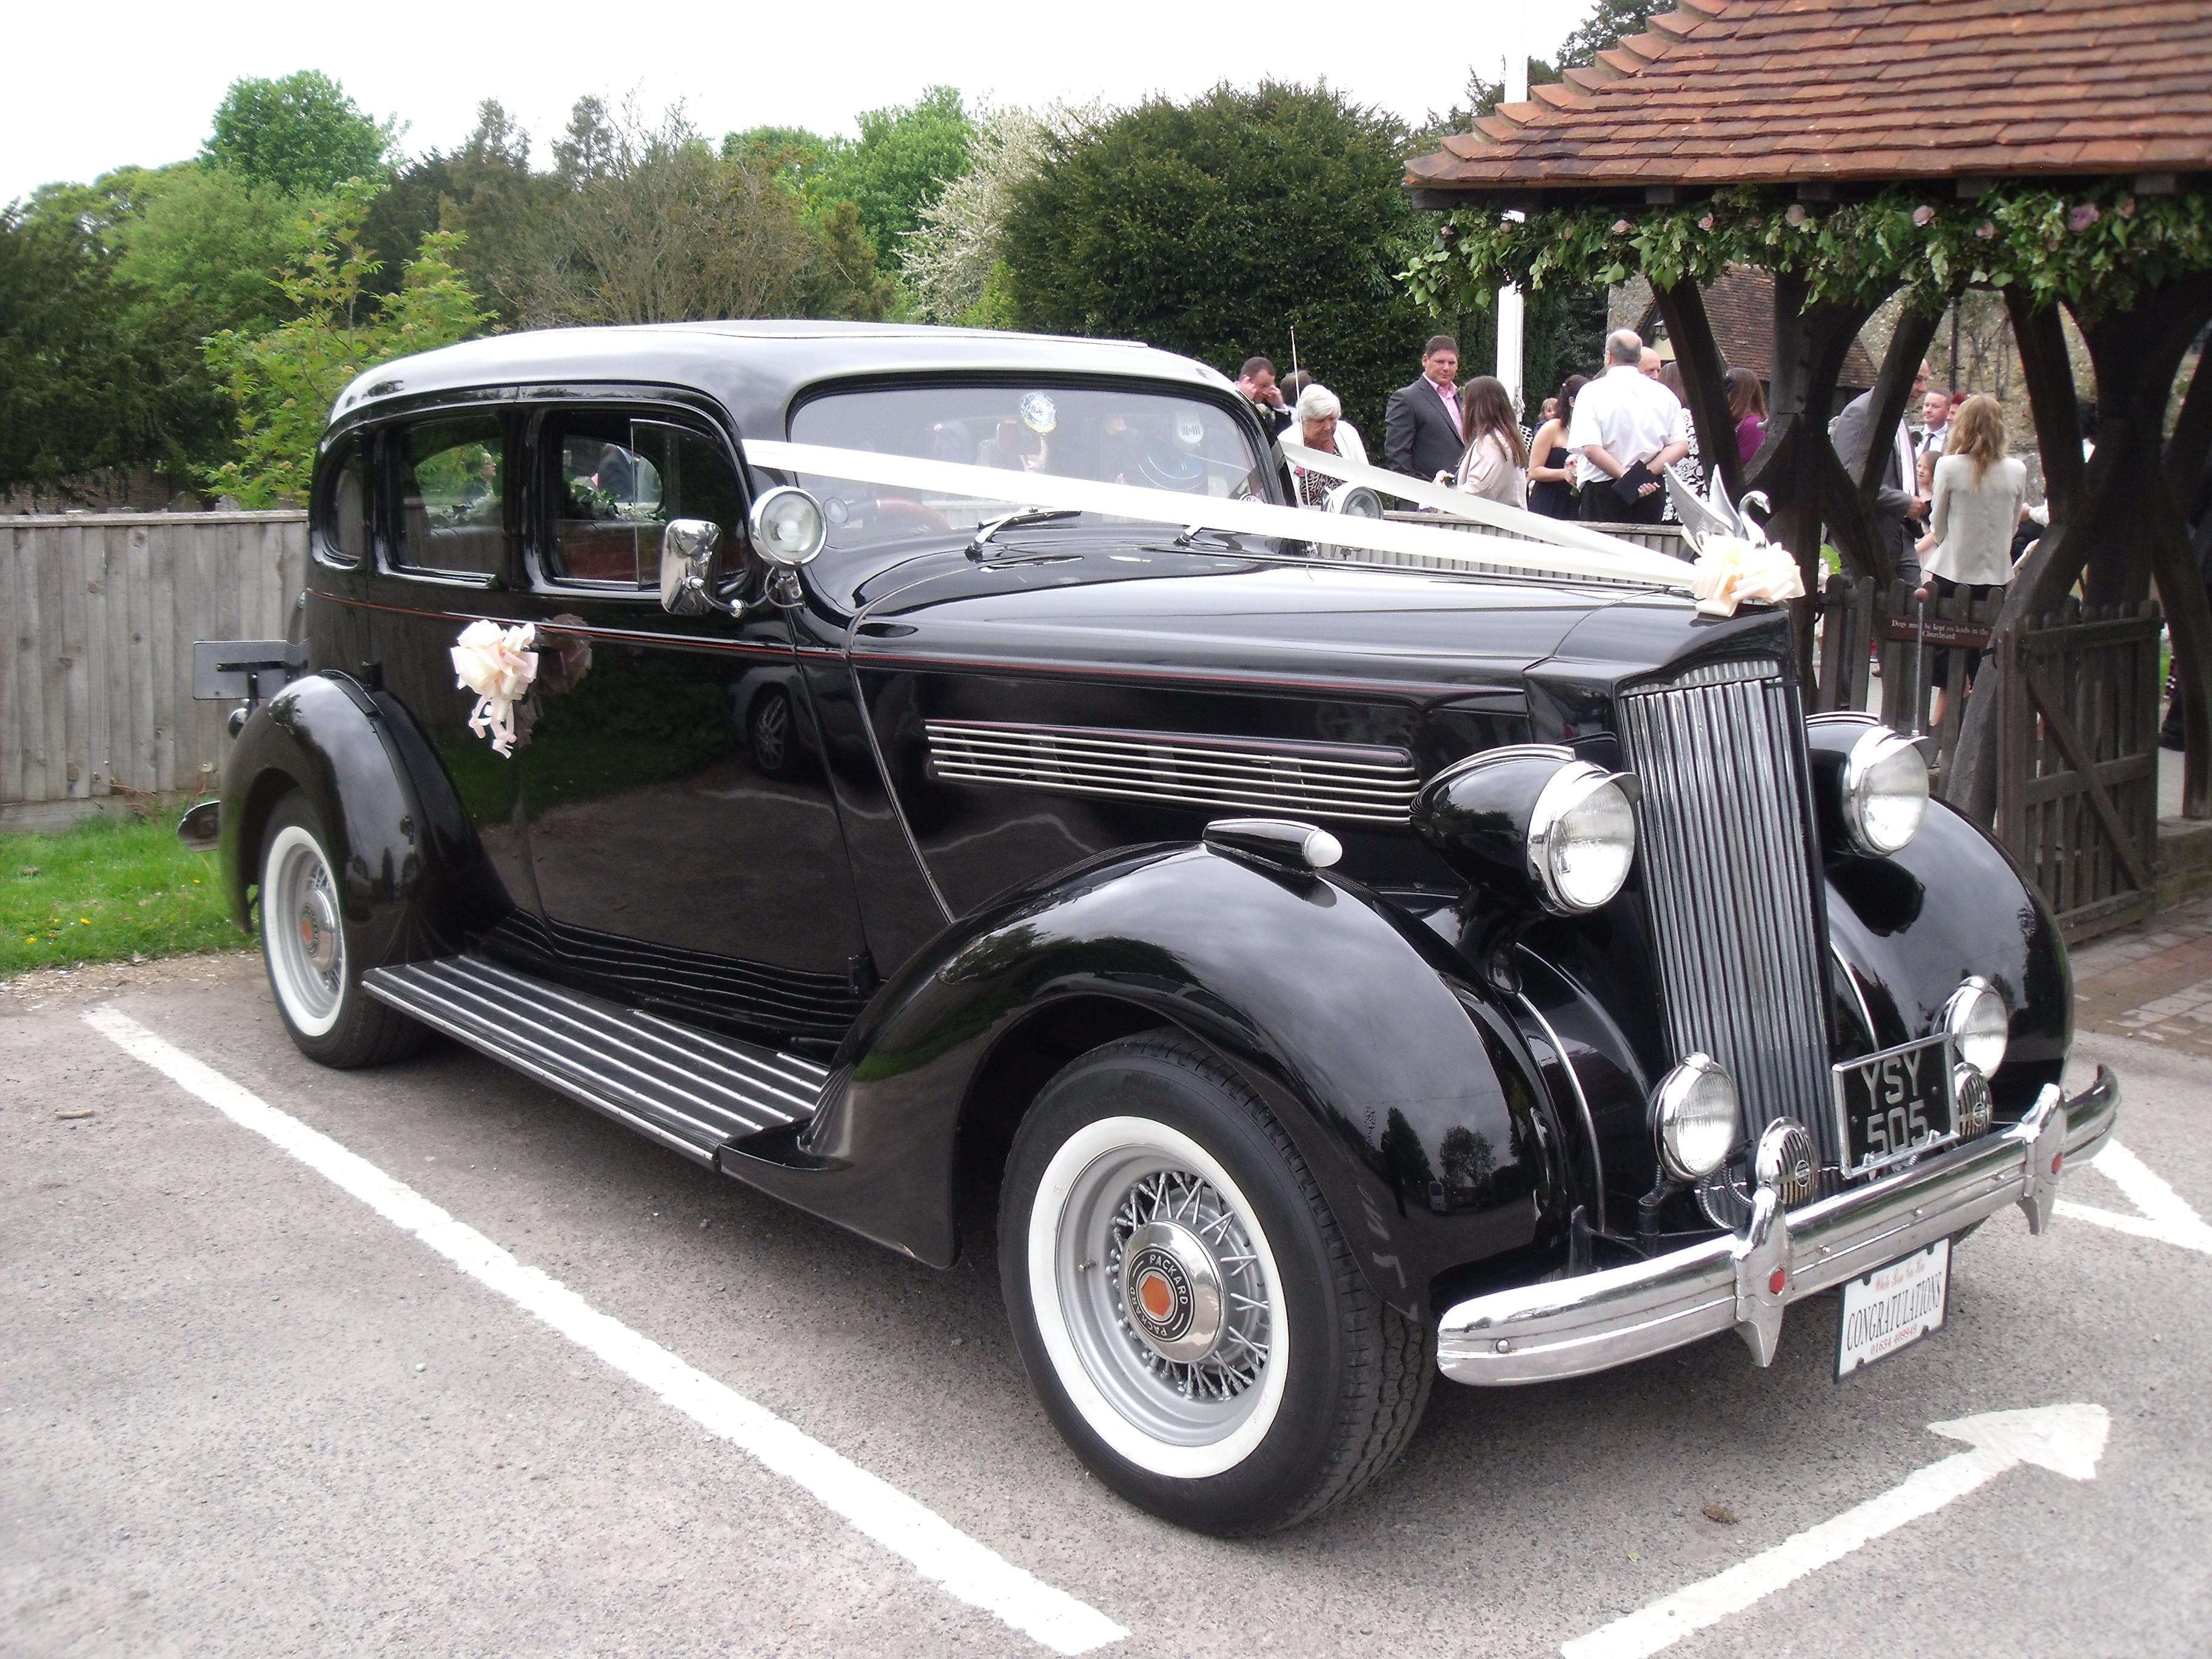 cDSCF1934.JPG